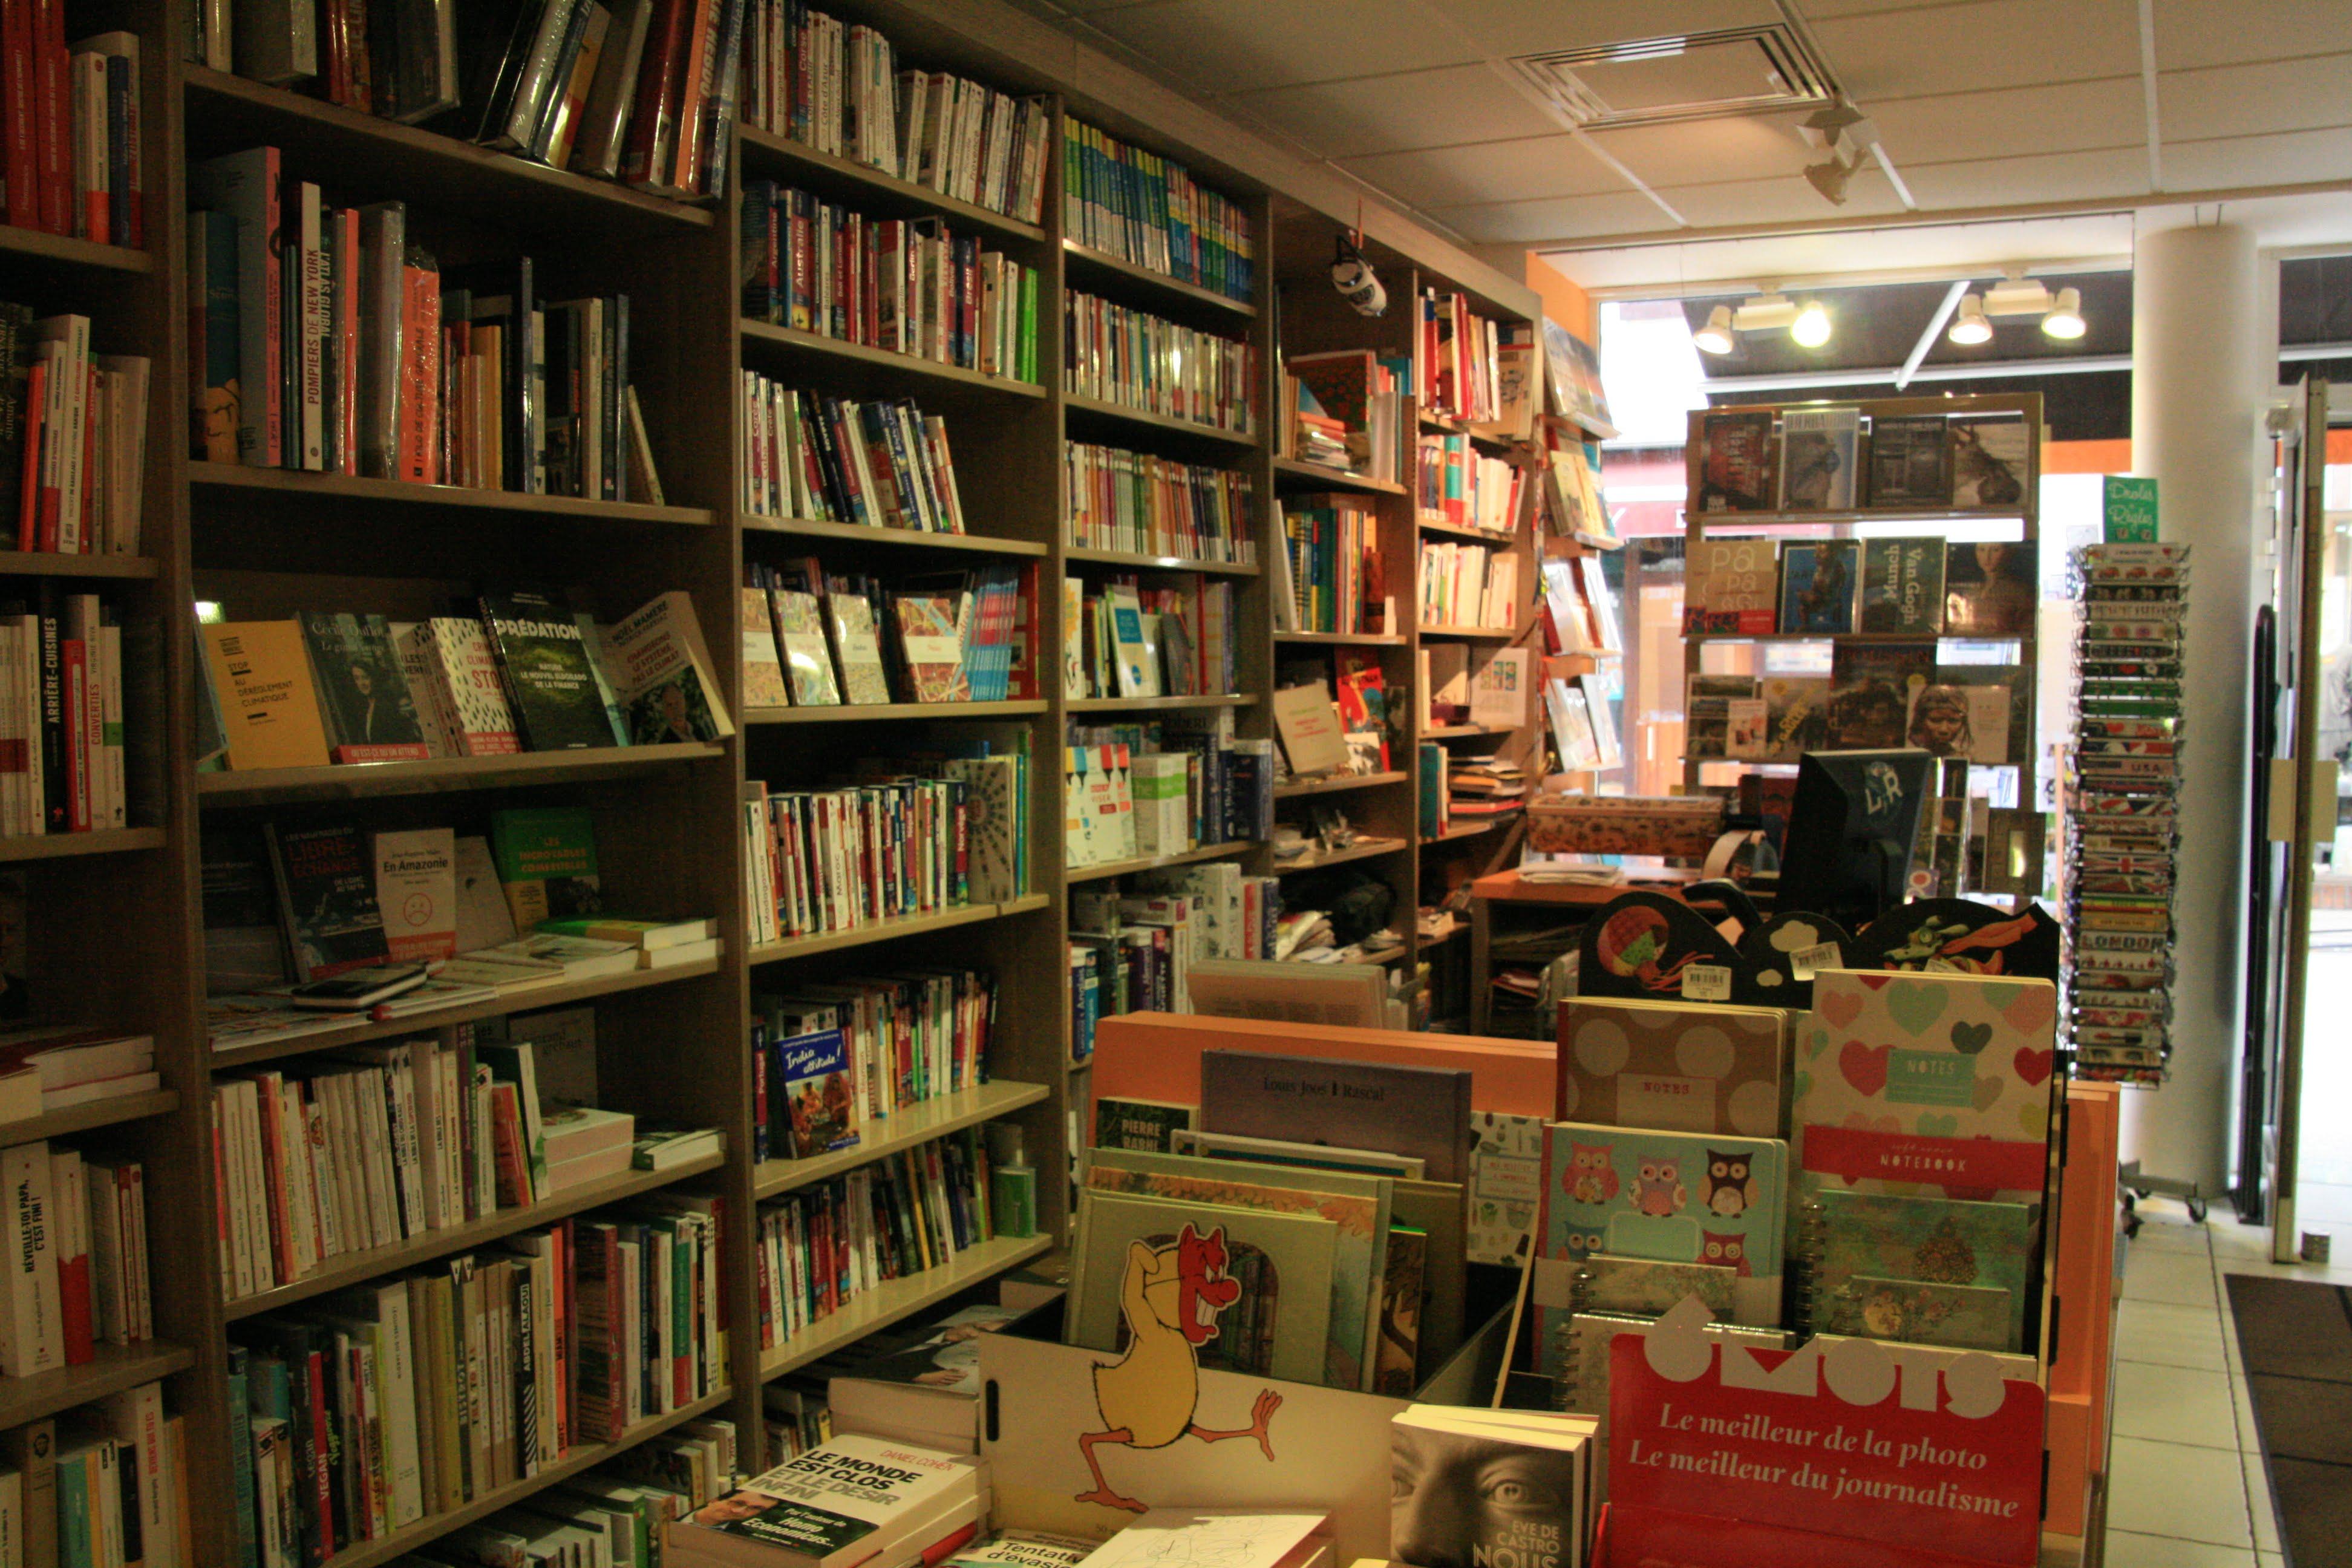 N 7 librairie les vraies richesses maison de banlieue for Libraire maison